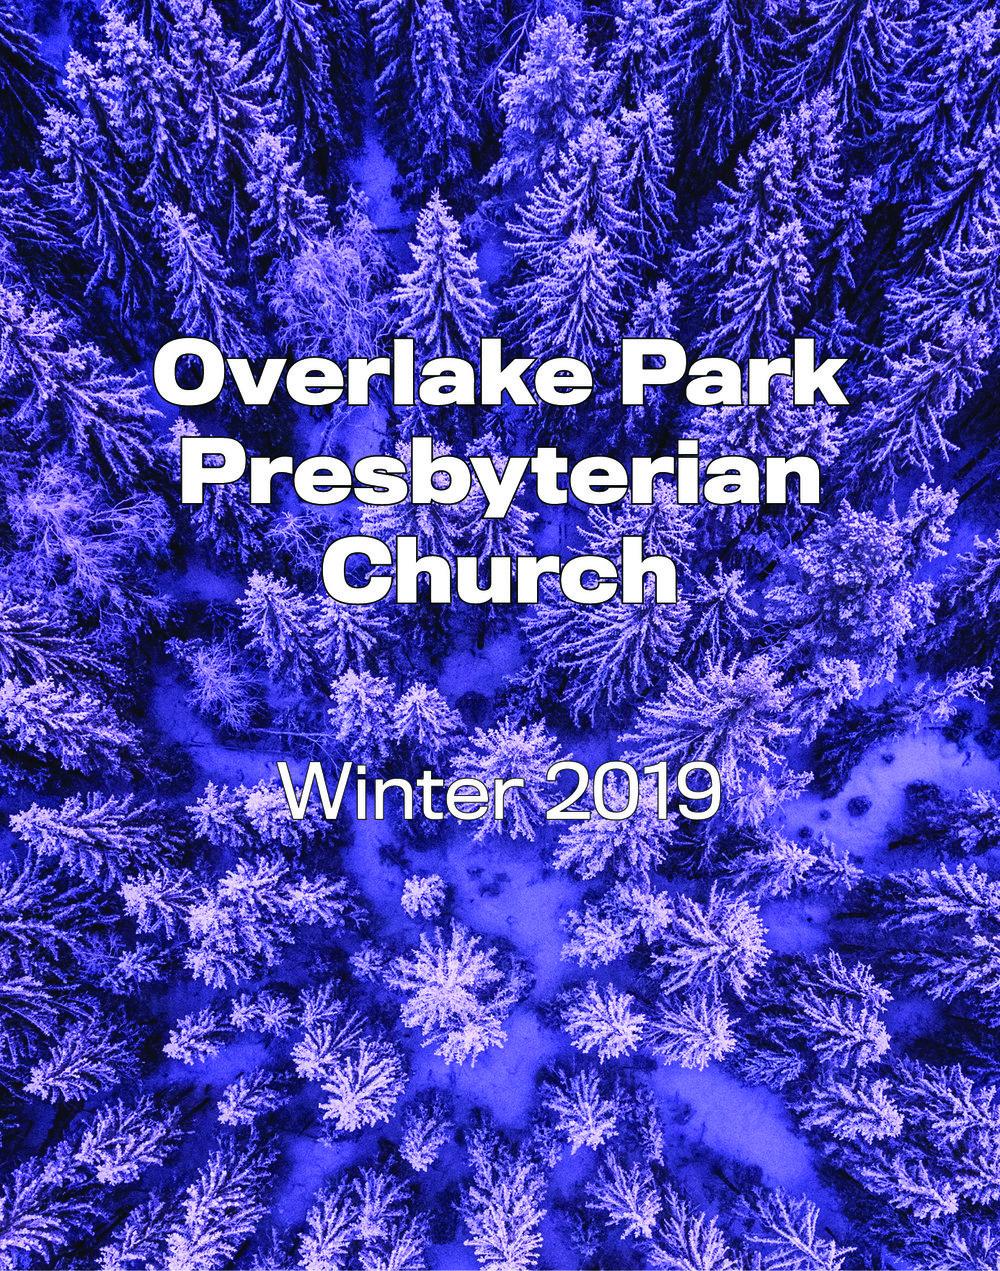 2019 Winter Newsletter Front Cover.jpg